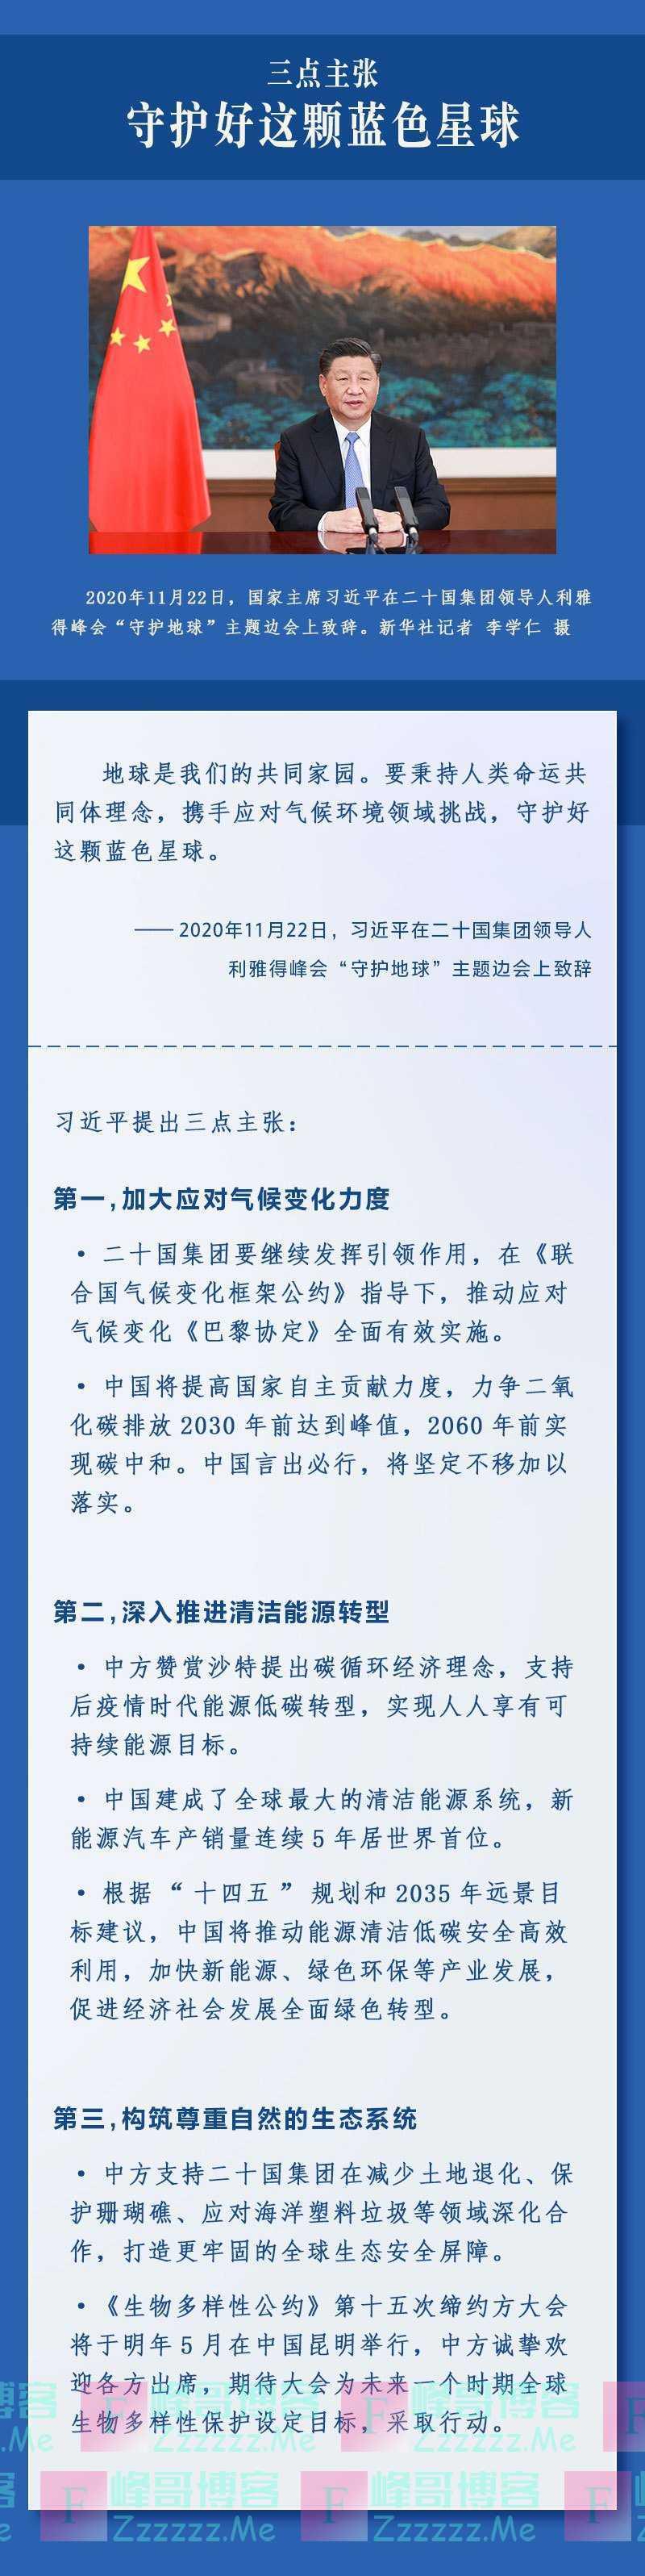 守护好这颗蓝色星球 习近平提出中国方案